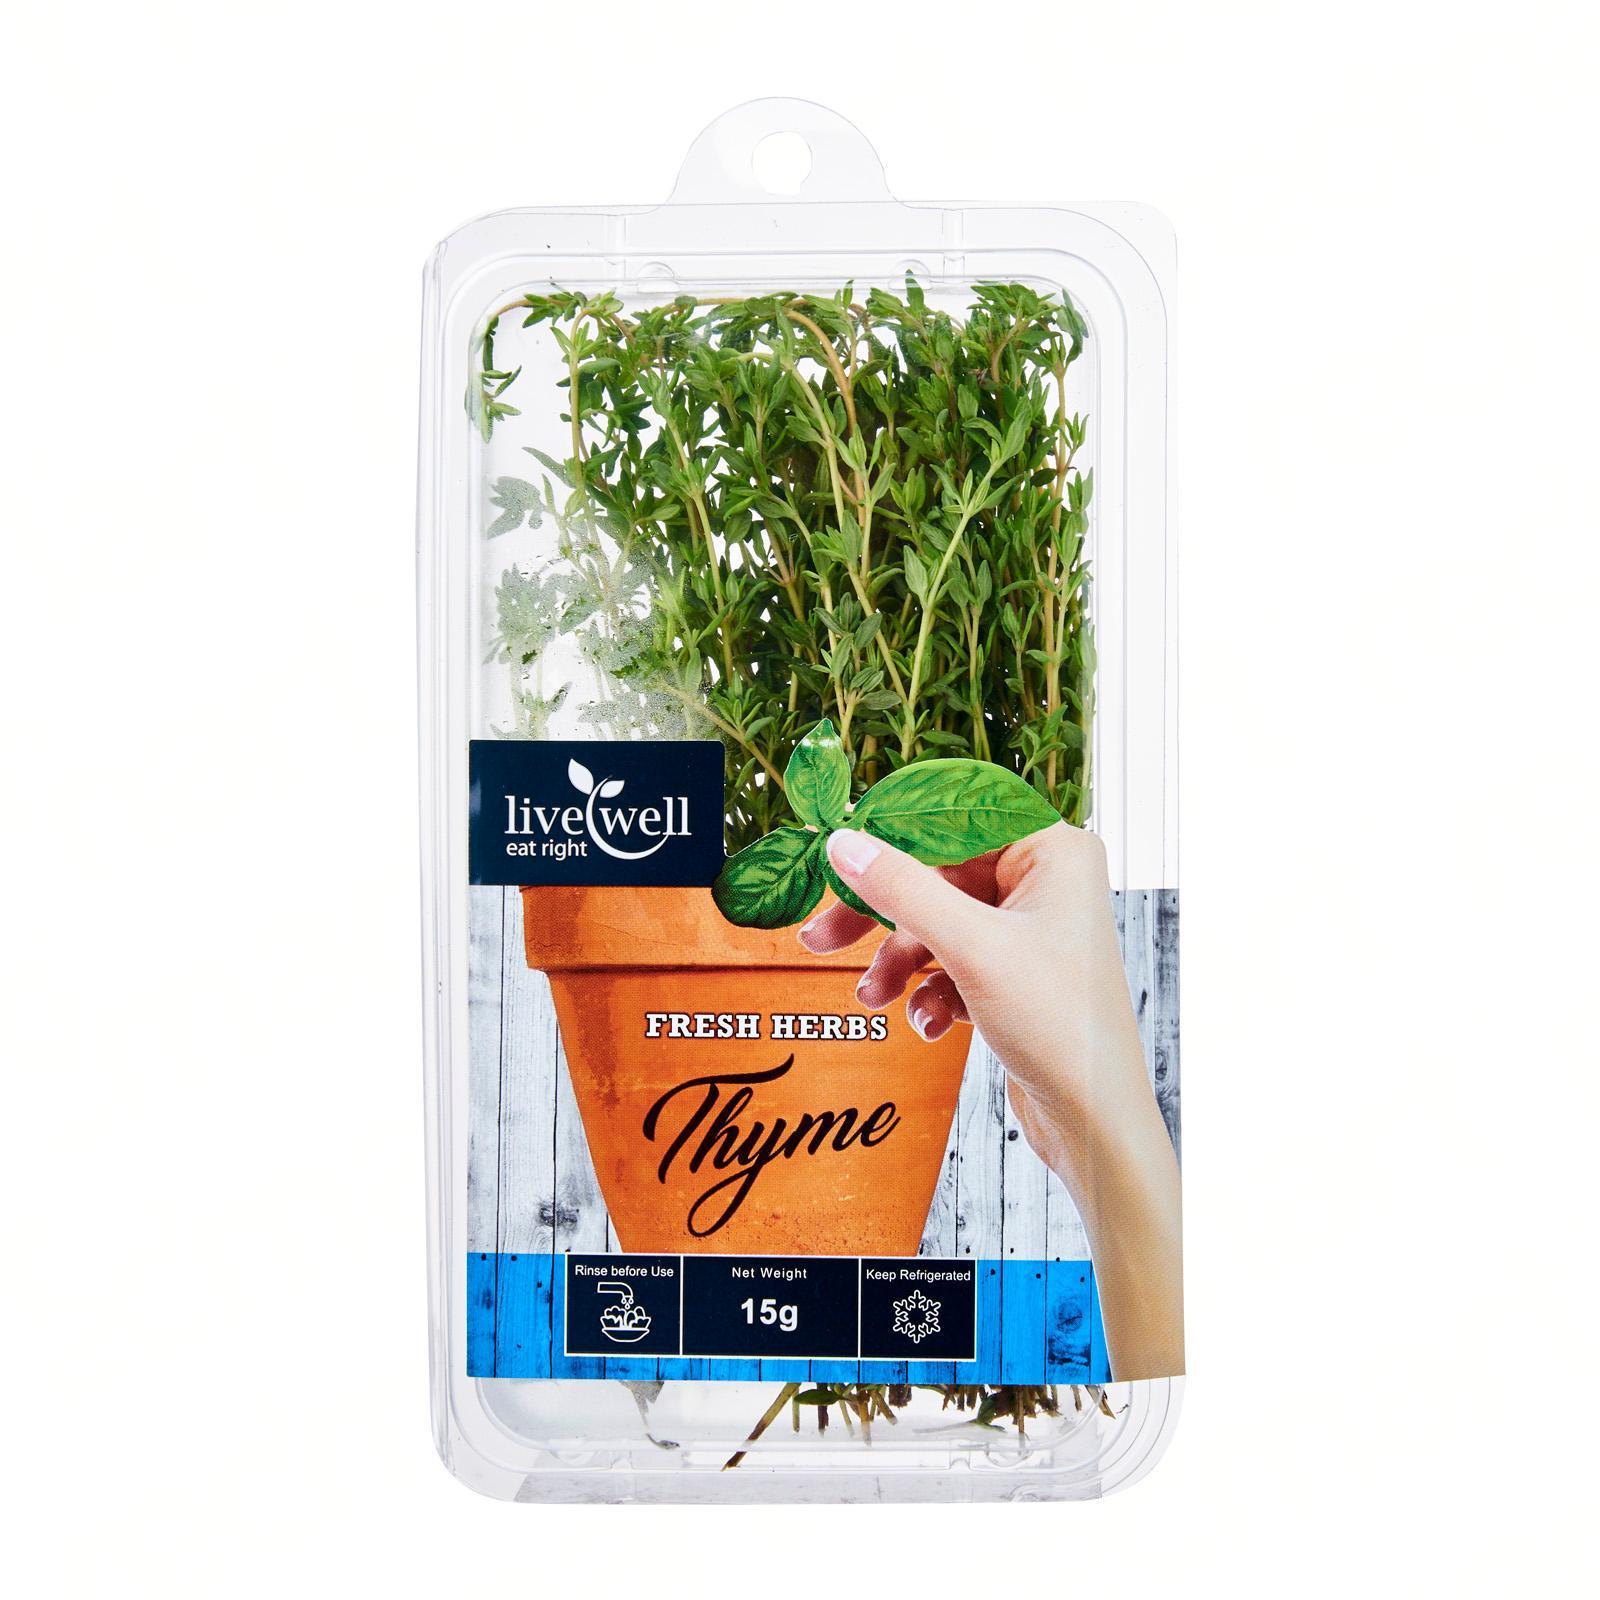 Live Well Thyme Fresh Herbs